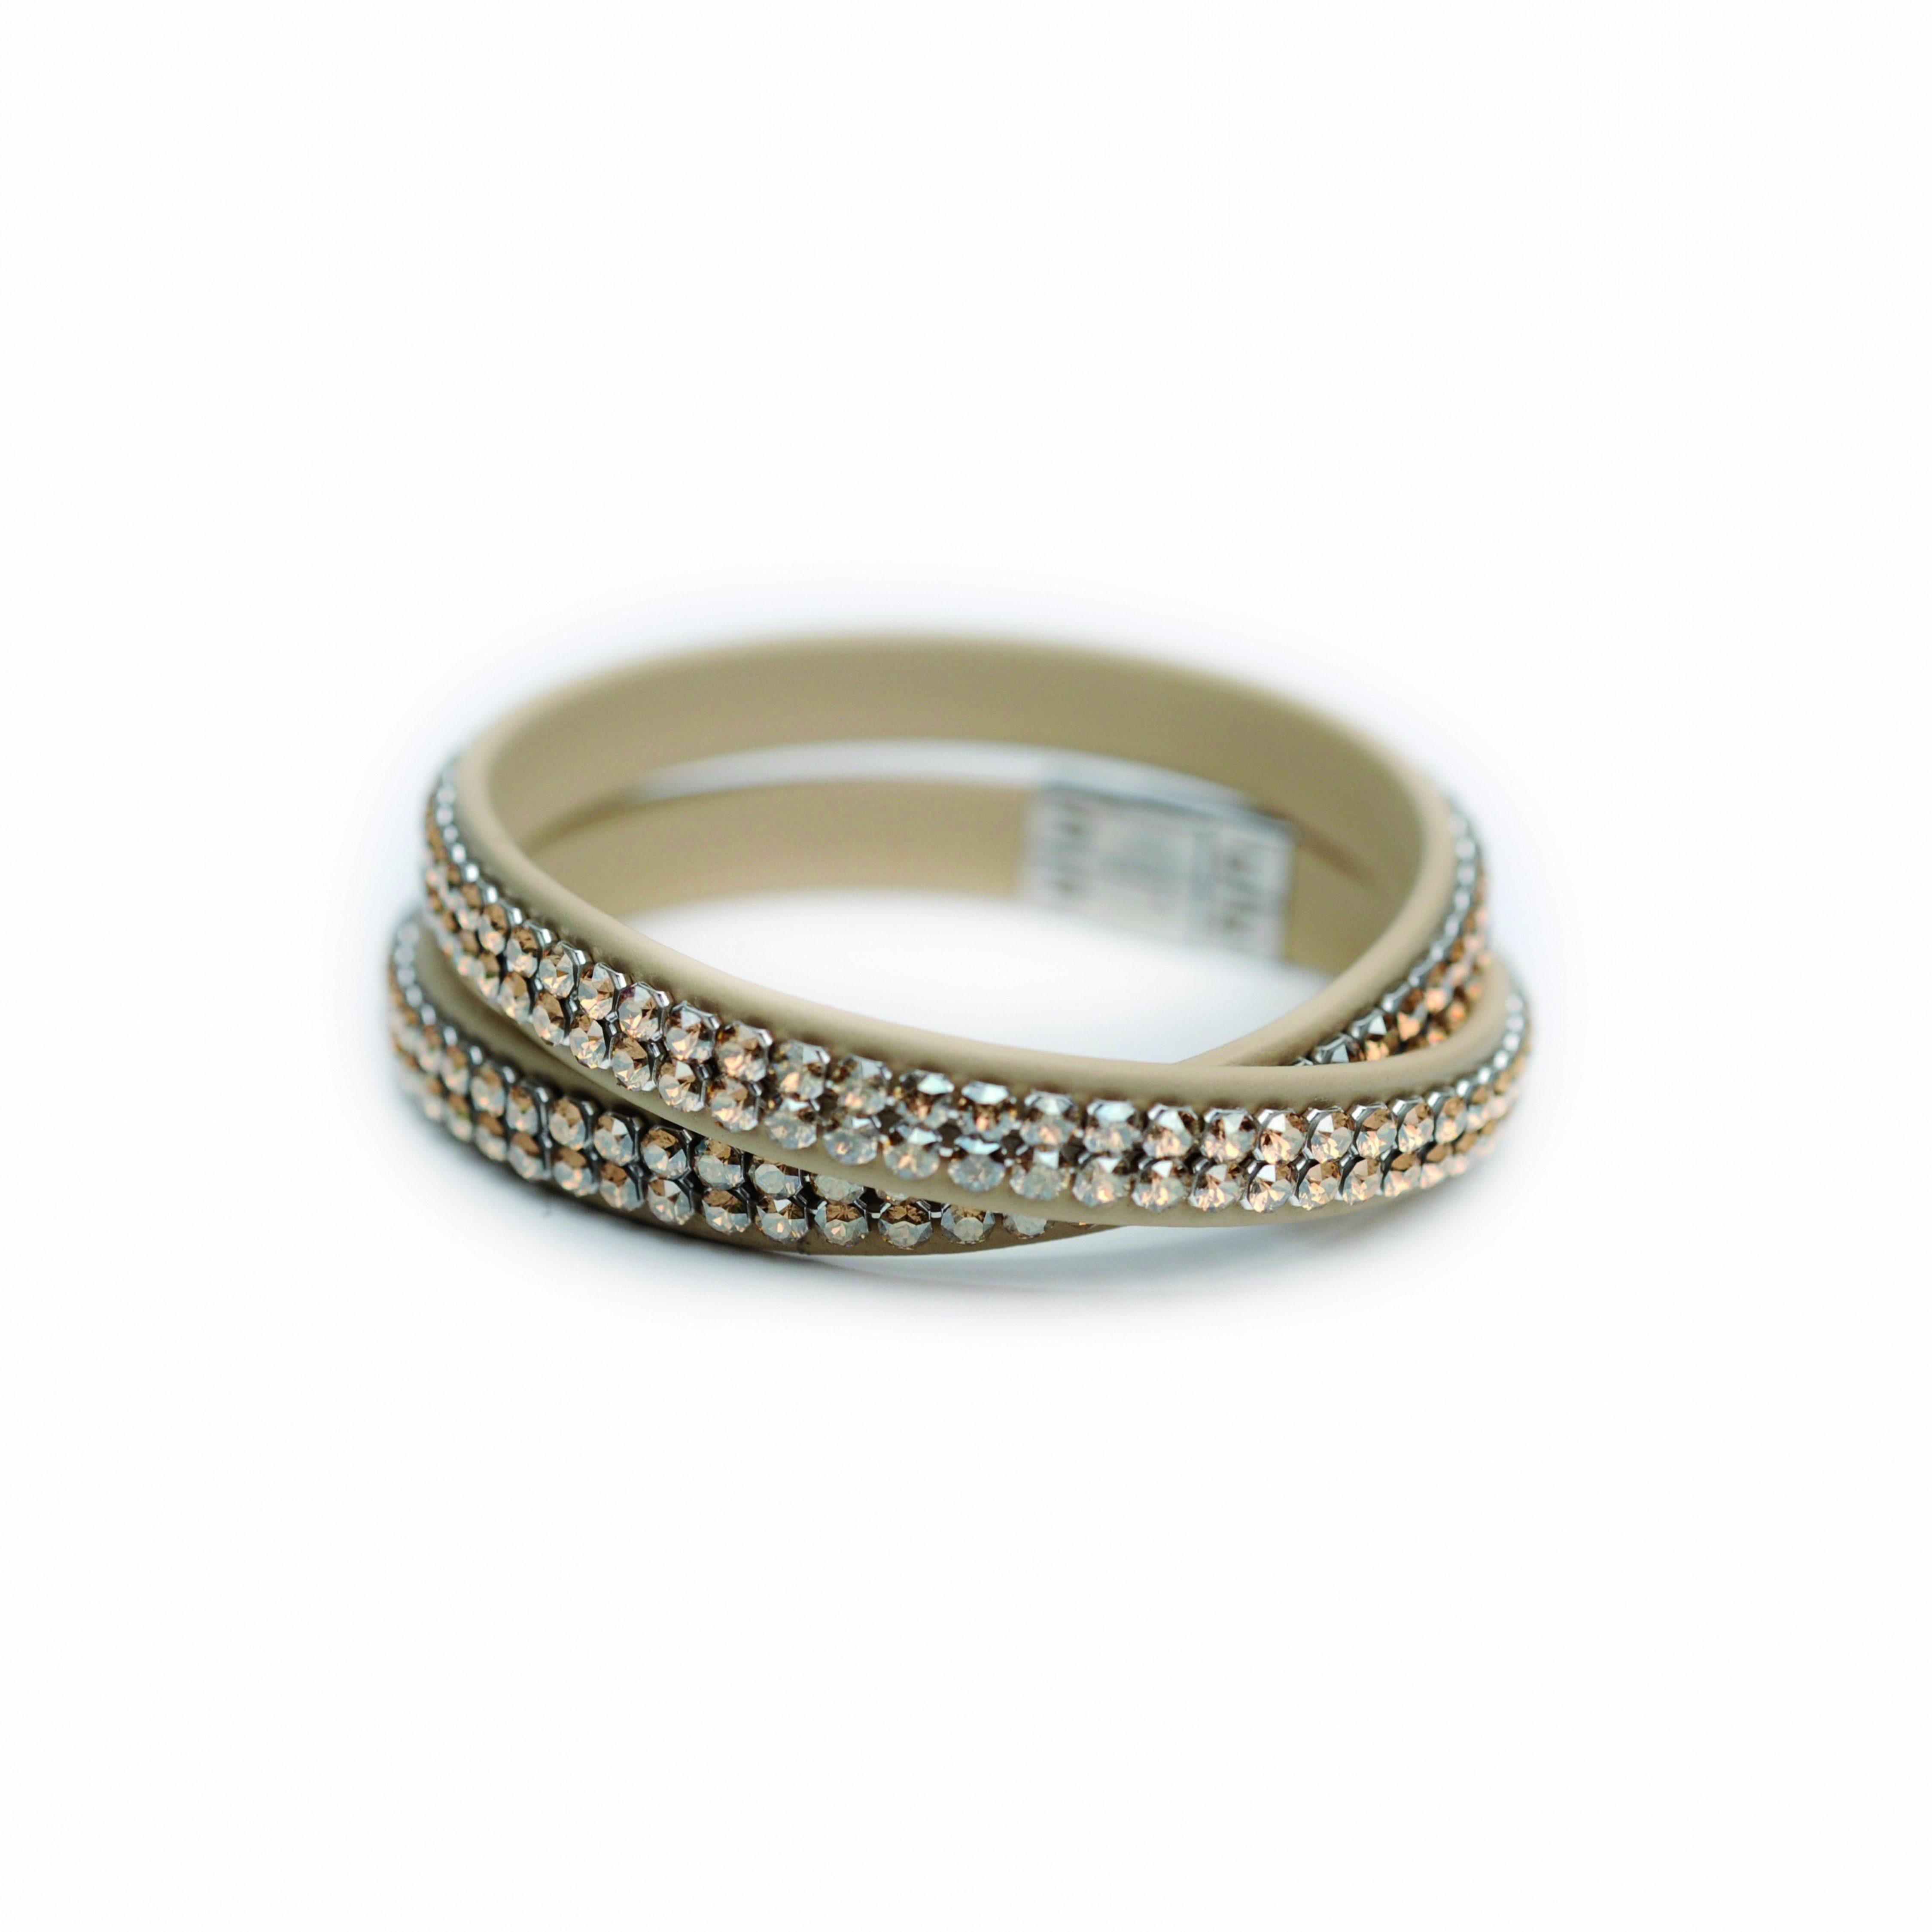 LOVING CRYSTAL Wickelarmband | Schmuck > Armbänder > Wickelarmbänder | Loving Crystal